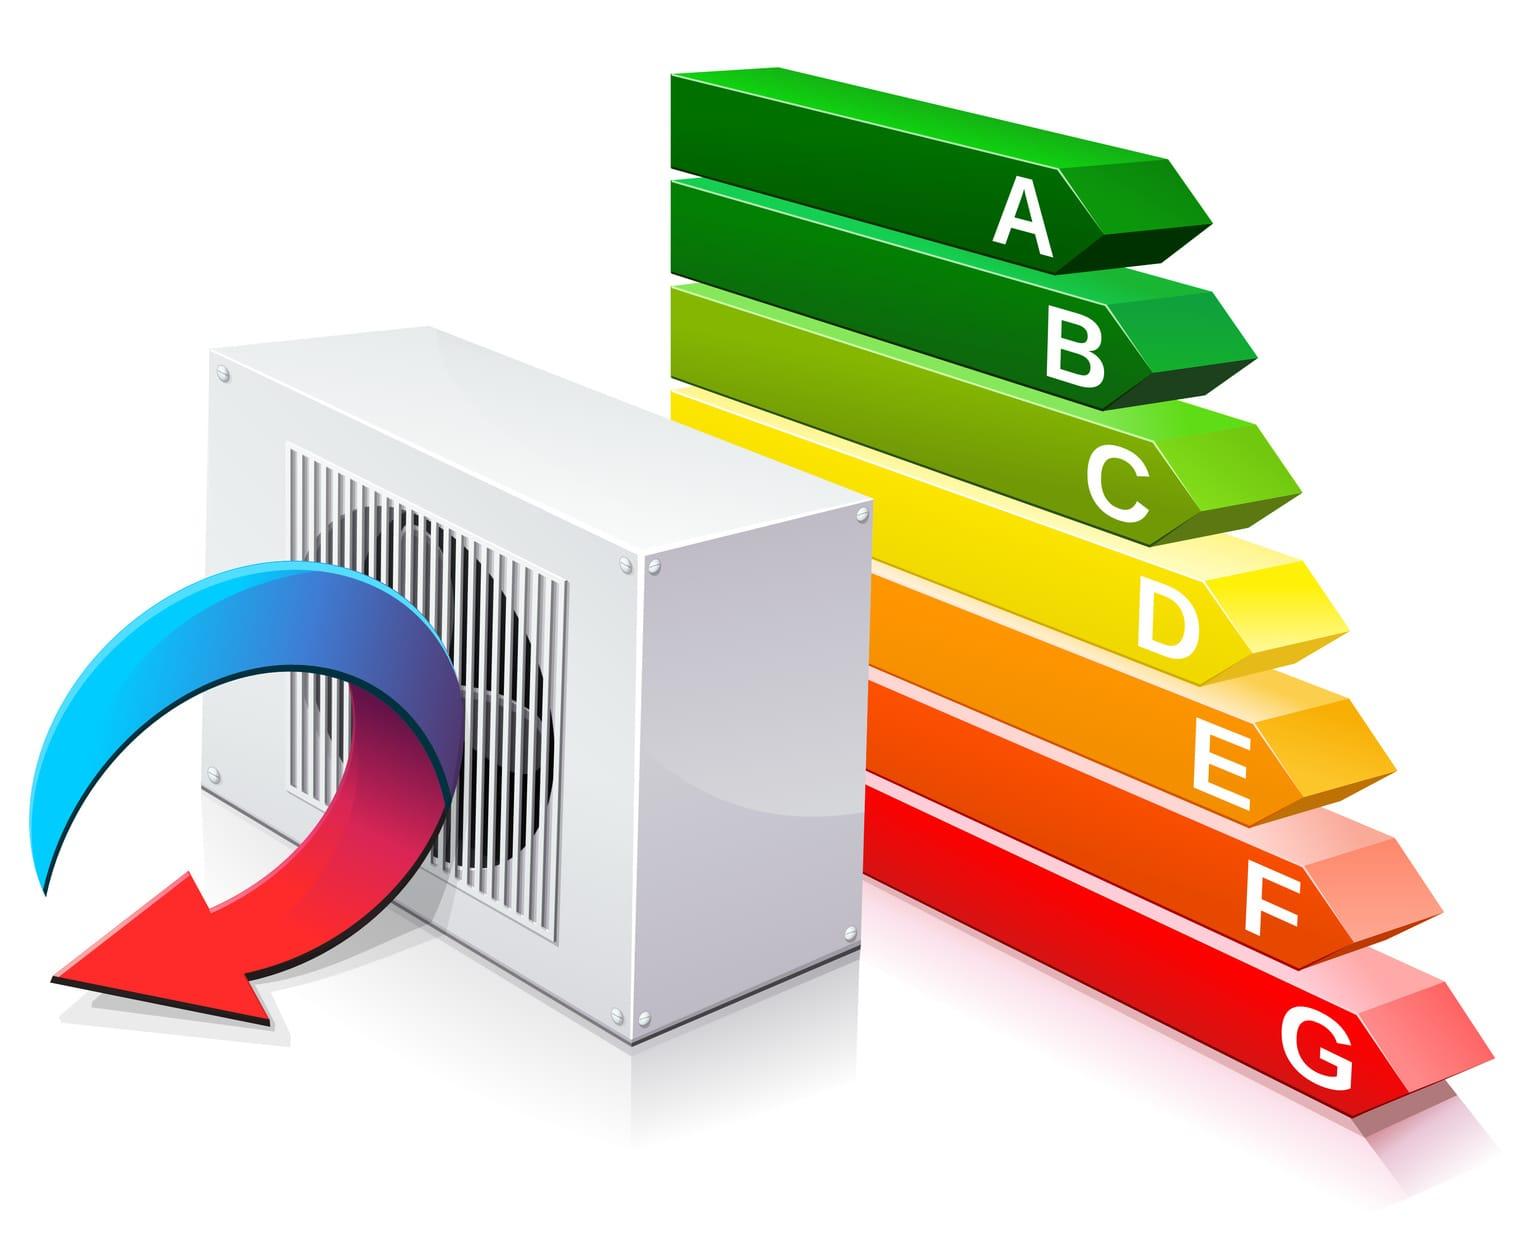 pompe a chaleur aide de l 39 etat energies naturels. Black Bedroom Furniture Sets. Home Design Ideas